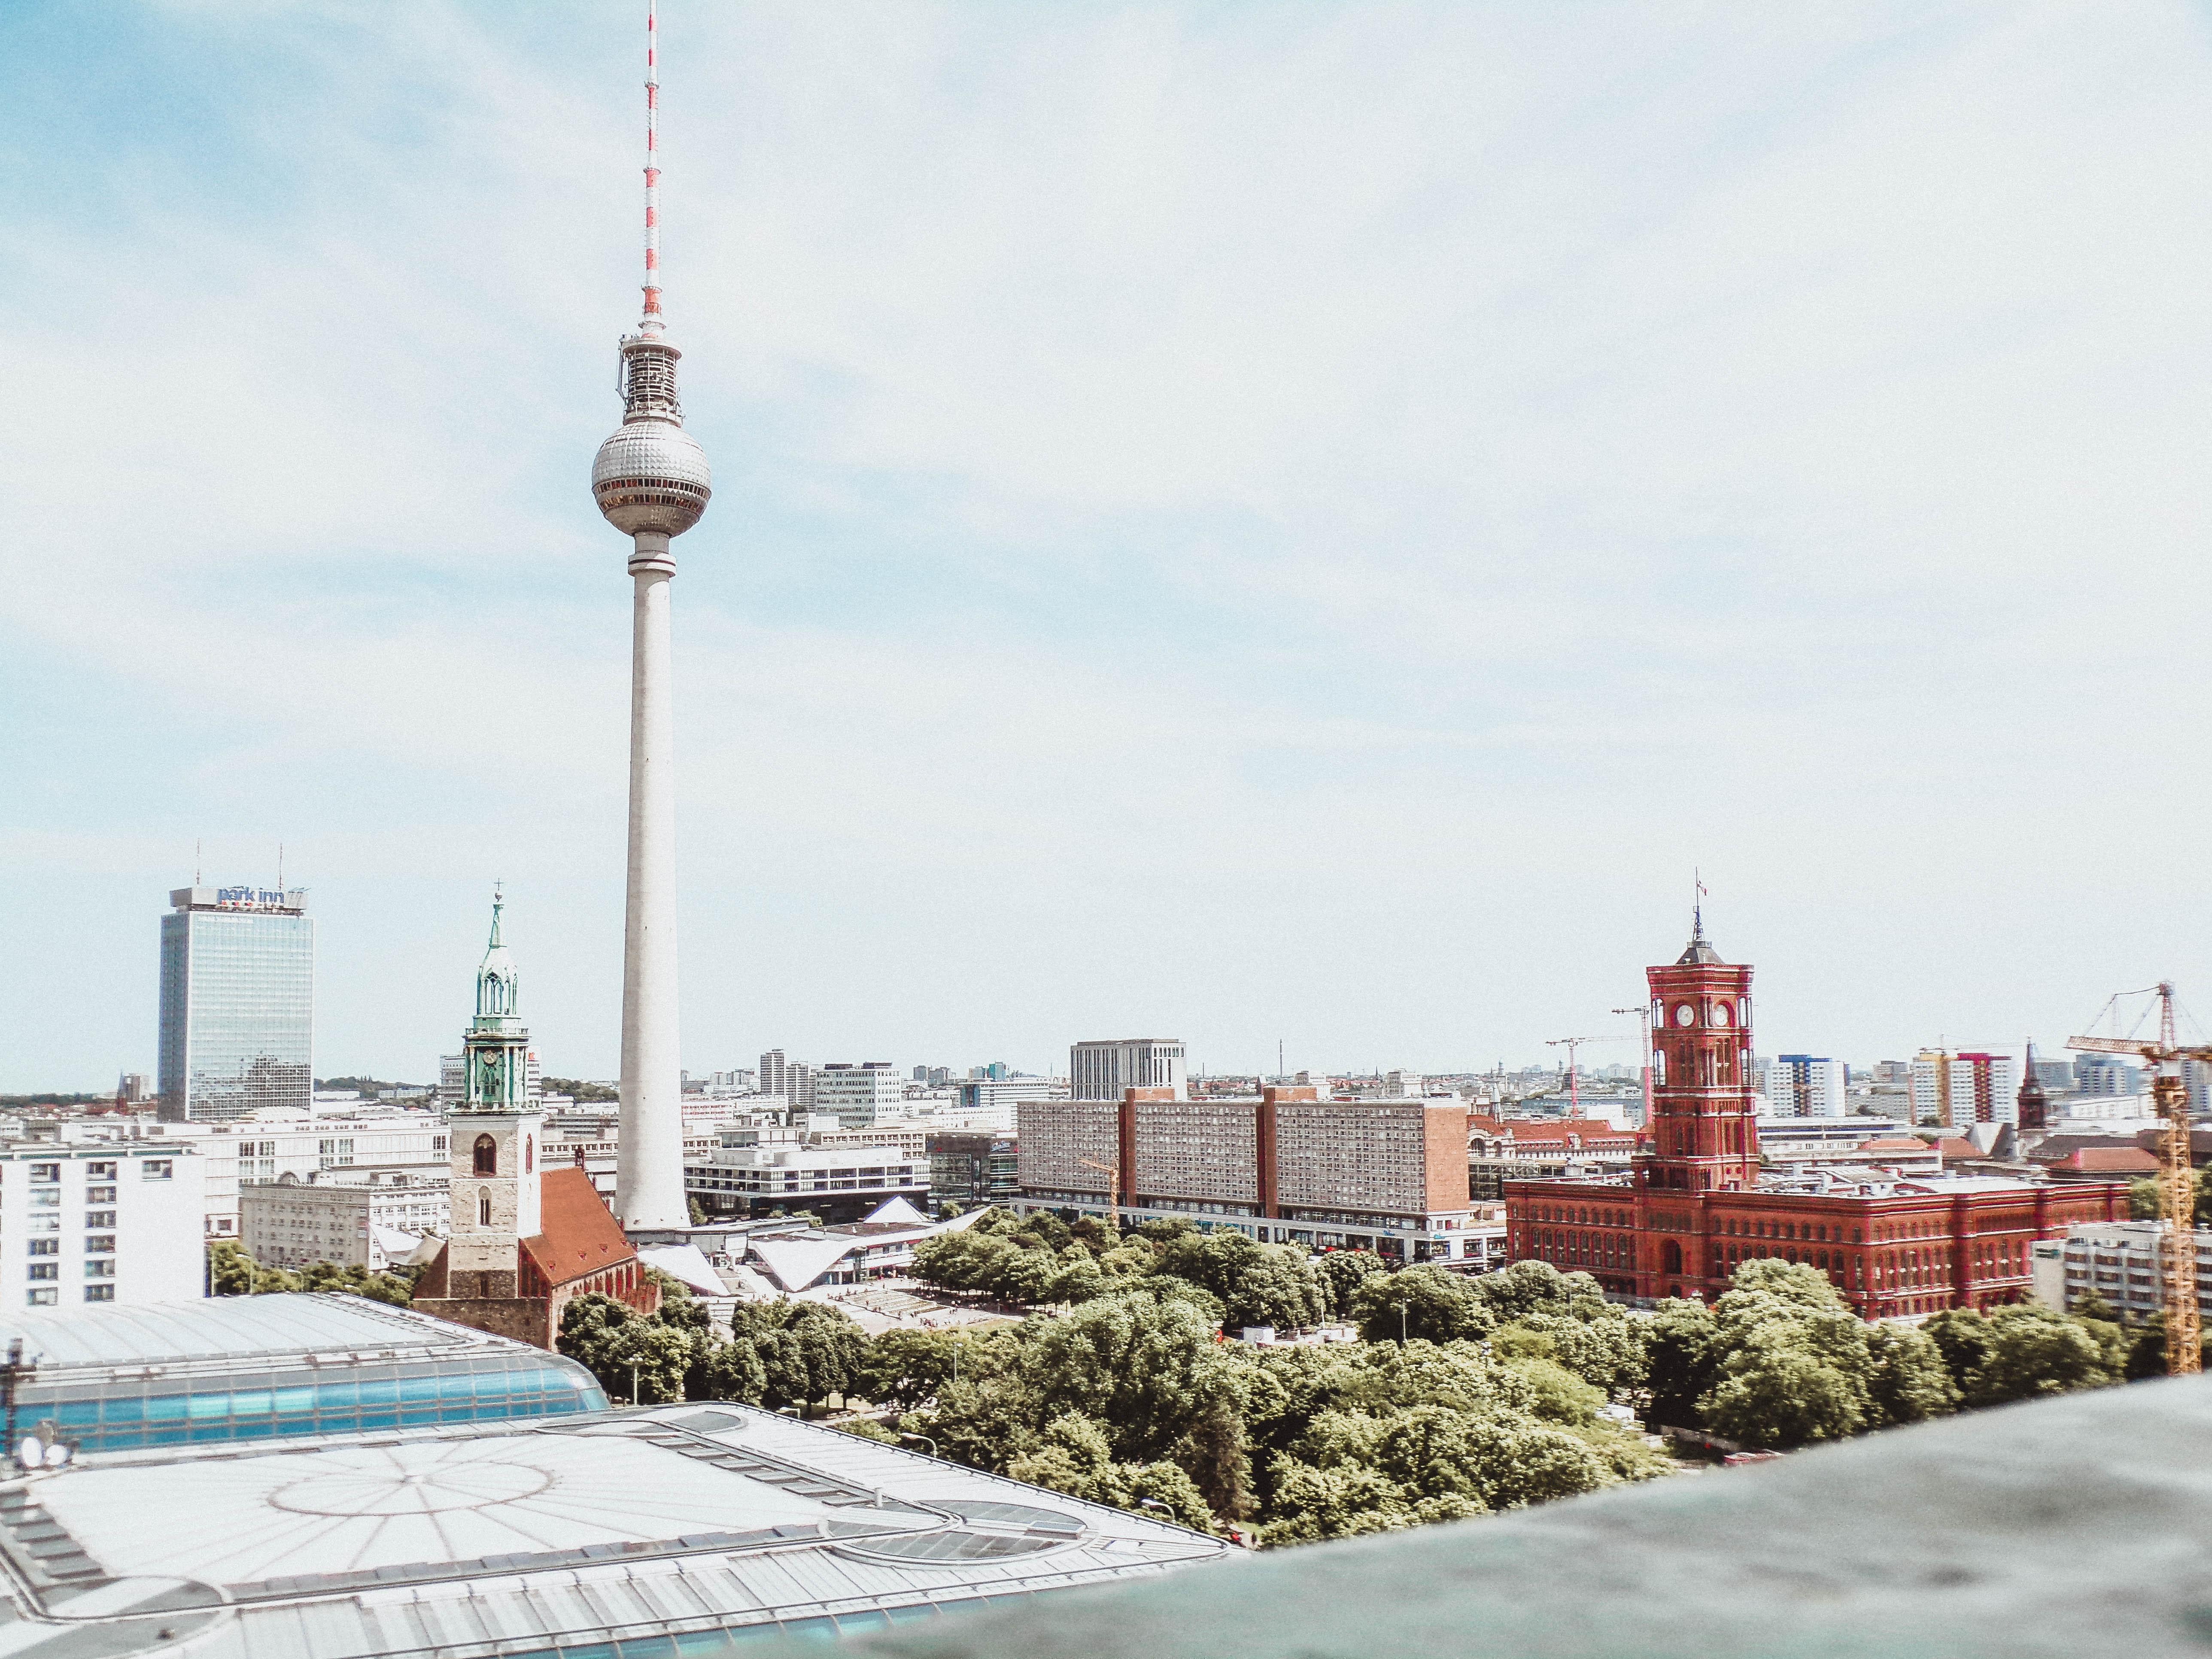 View on alexanderplatz architecture